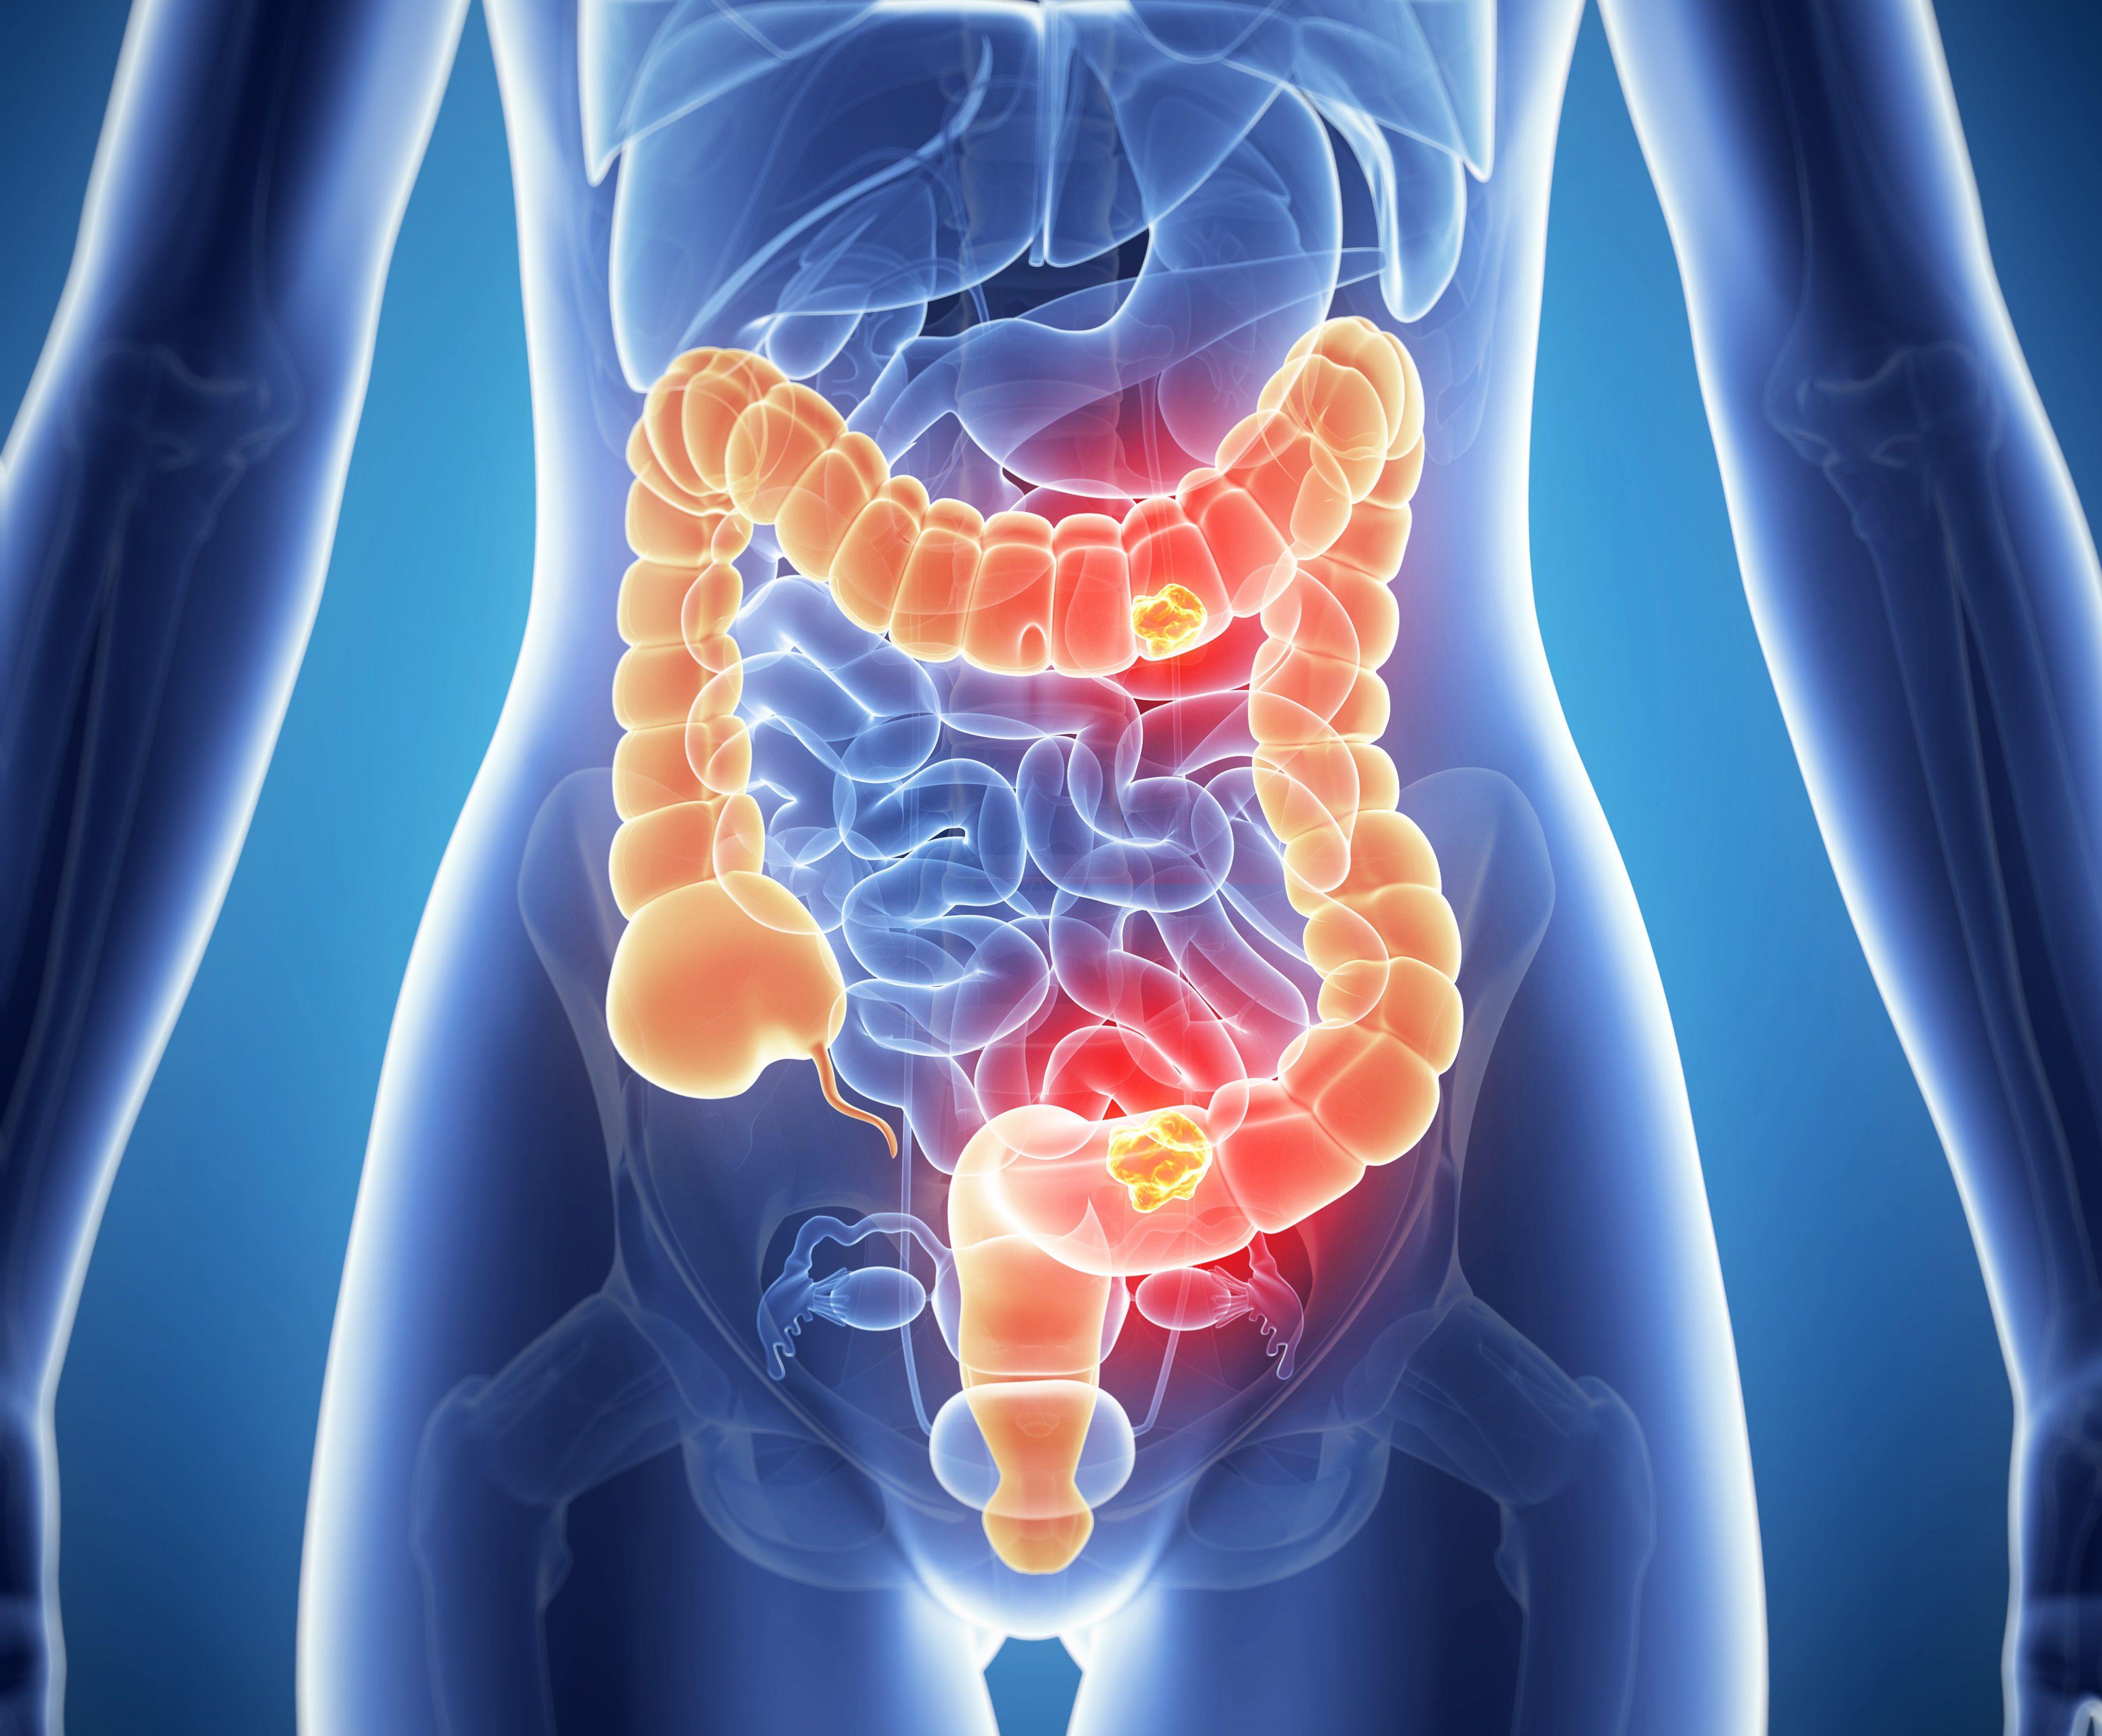 Cauzele şi factorii de risc ai cancerului colorectal